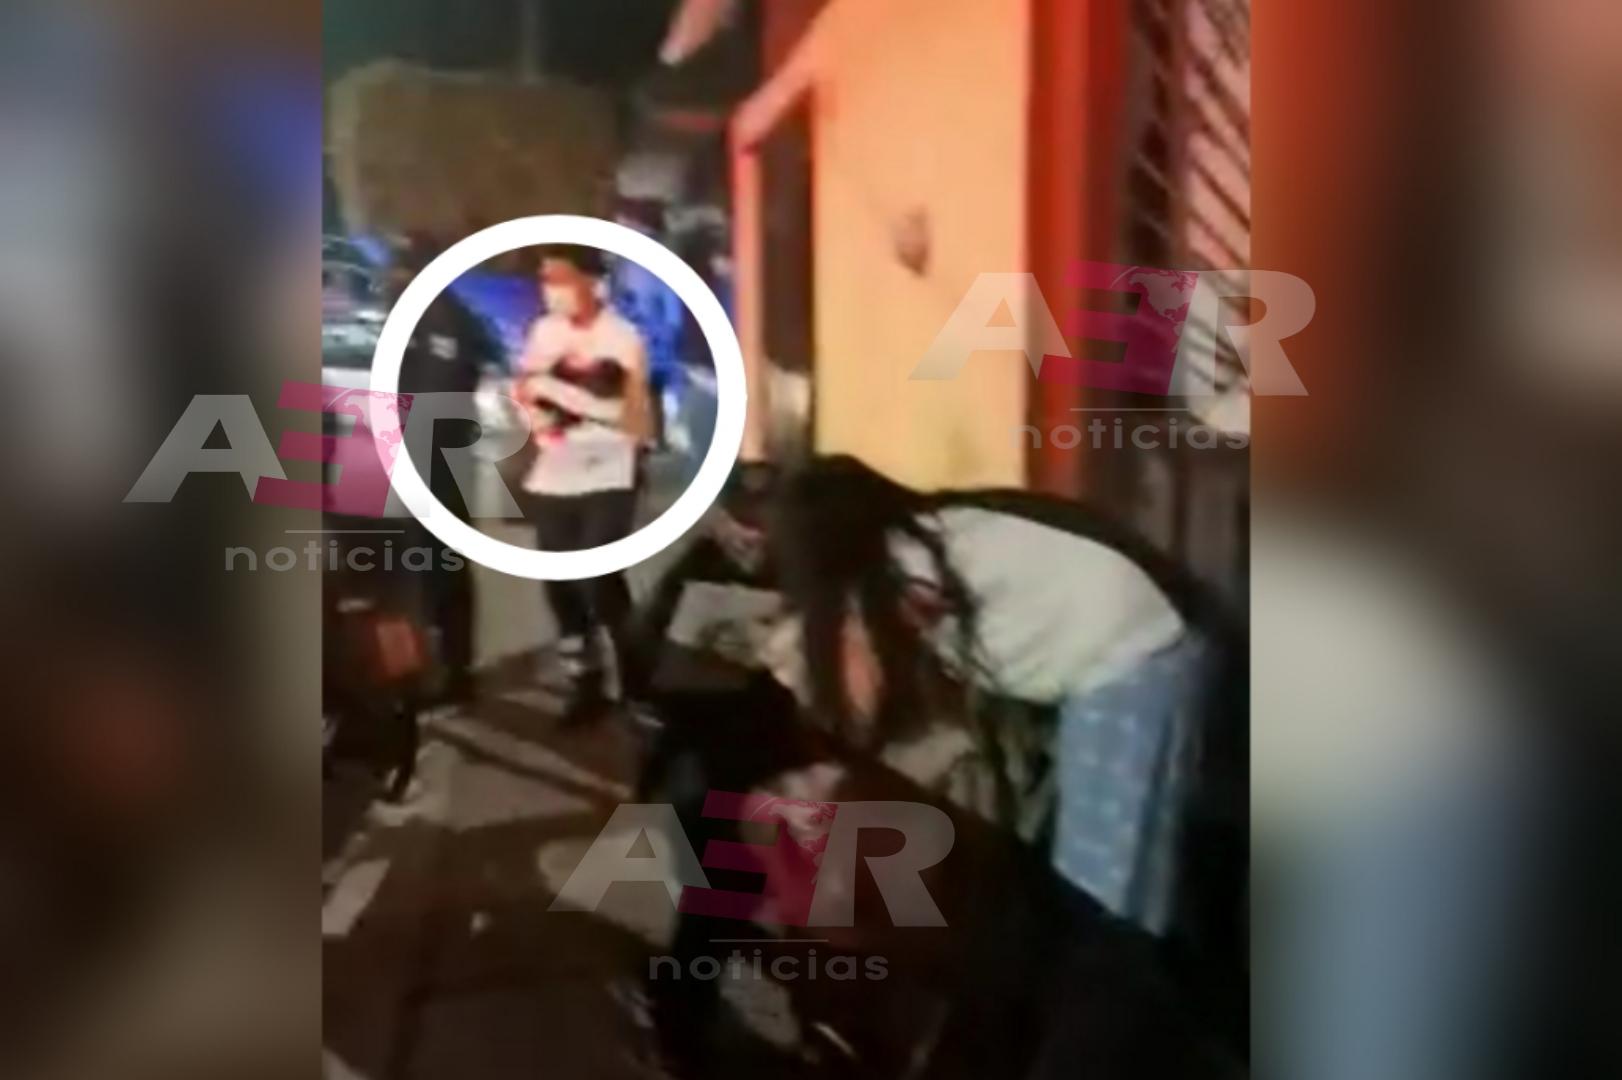 Mujer intenta matar a sus hijos de 4 meses y 11 años de edad 1